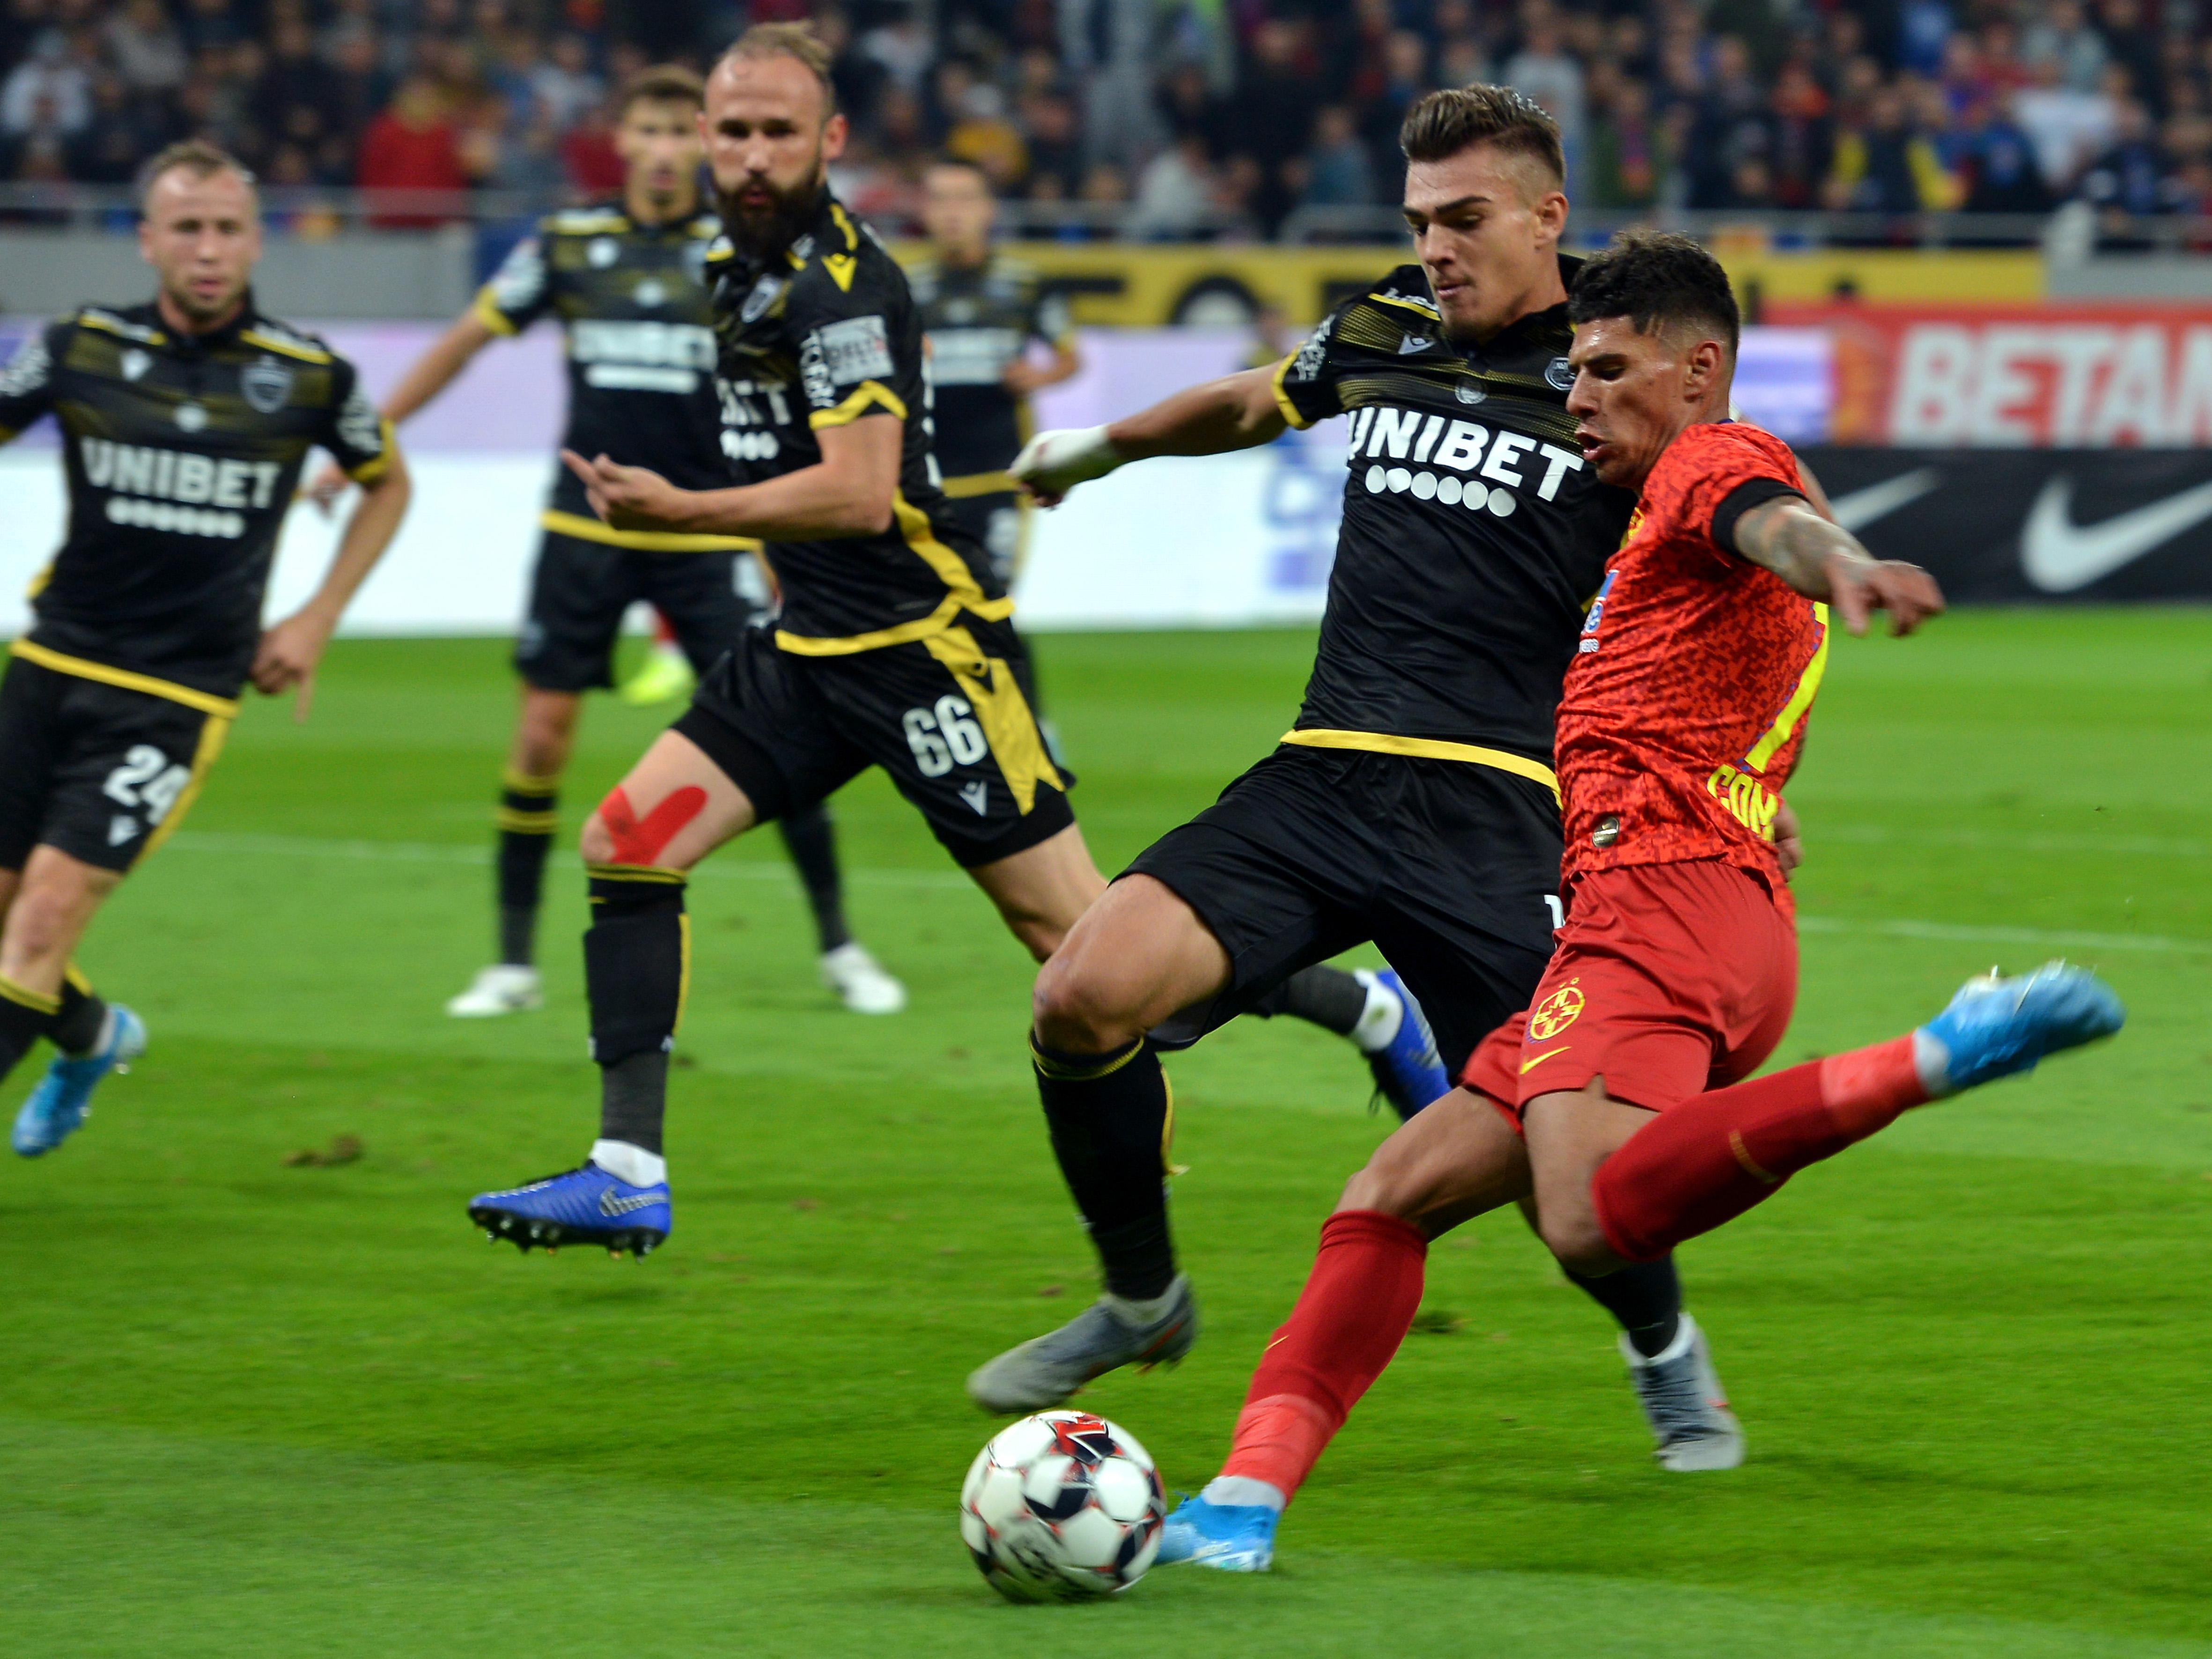 Duelul dintre Florinel Coman și Denis Ciobotariu în meciul FCSB - Dinamo, scor 1-1. Sursă foto: sportpictures.eu